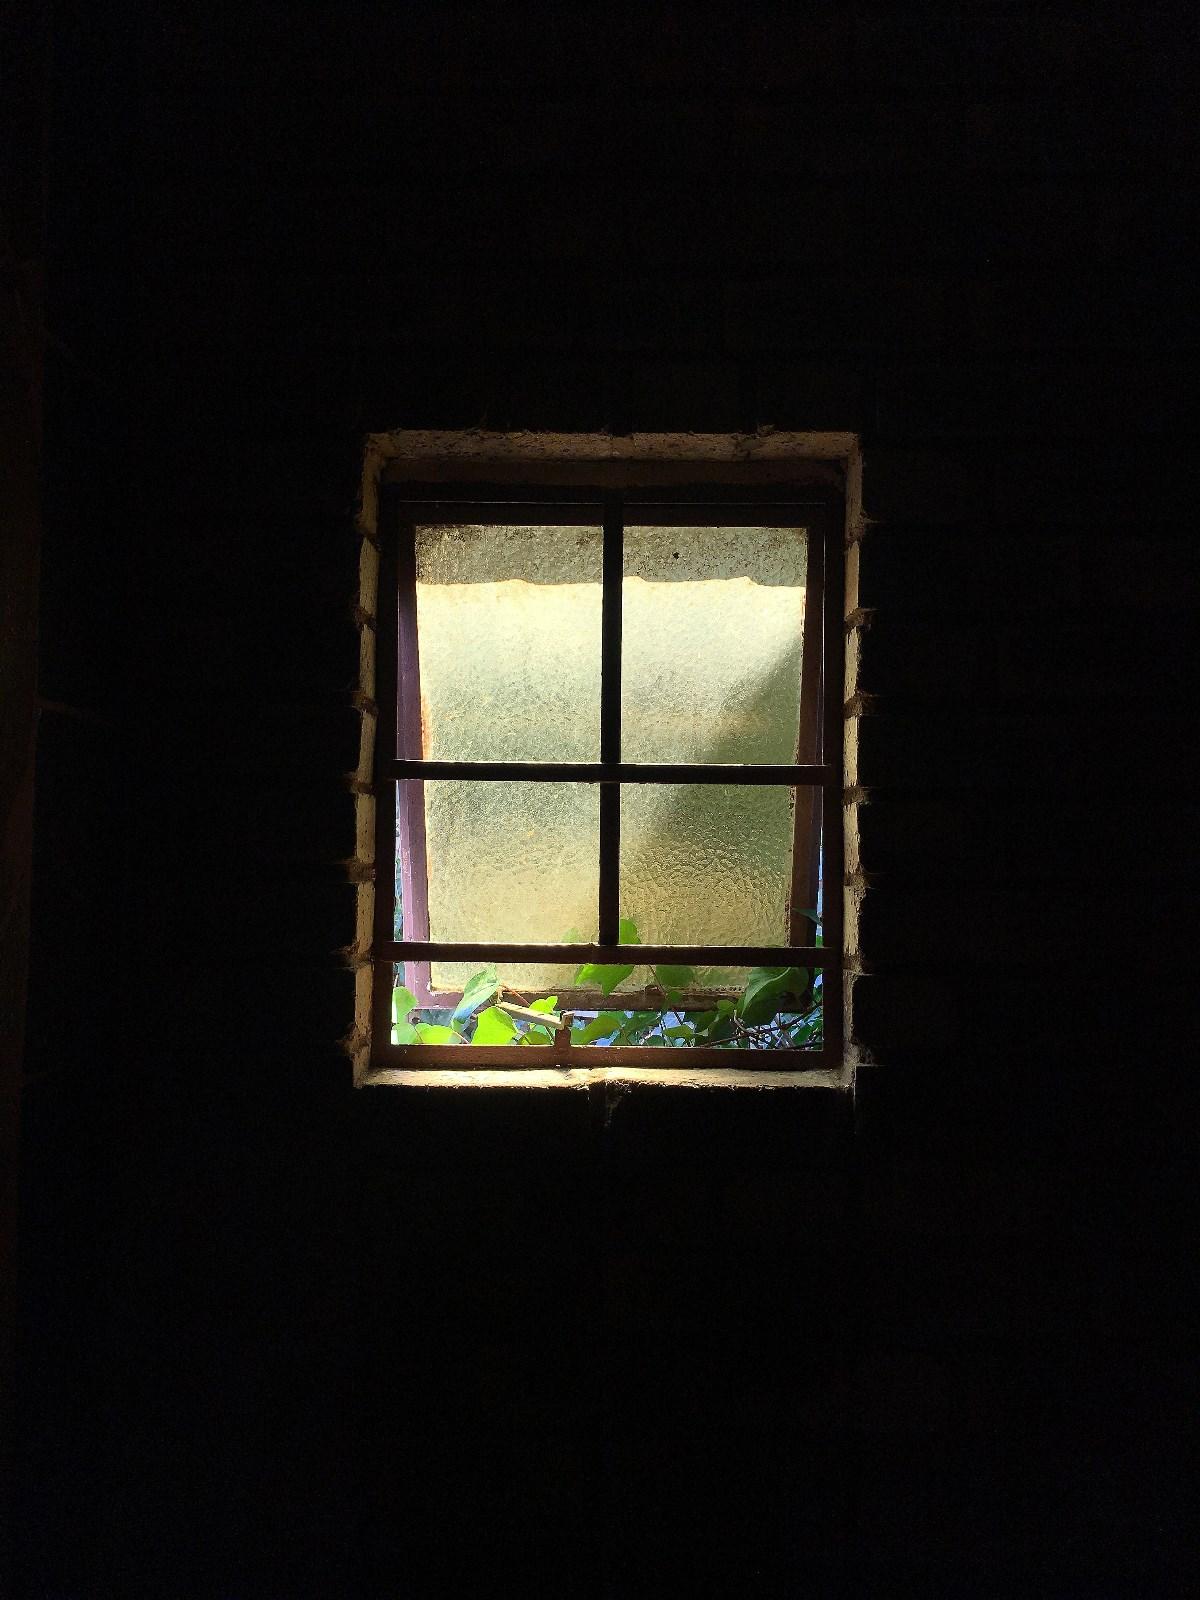 南非-梦的窗.jpg